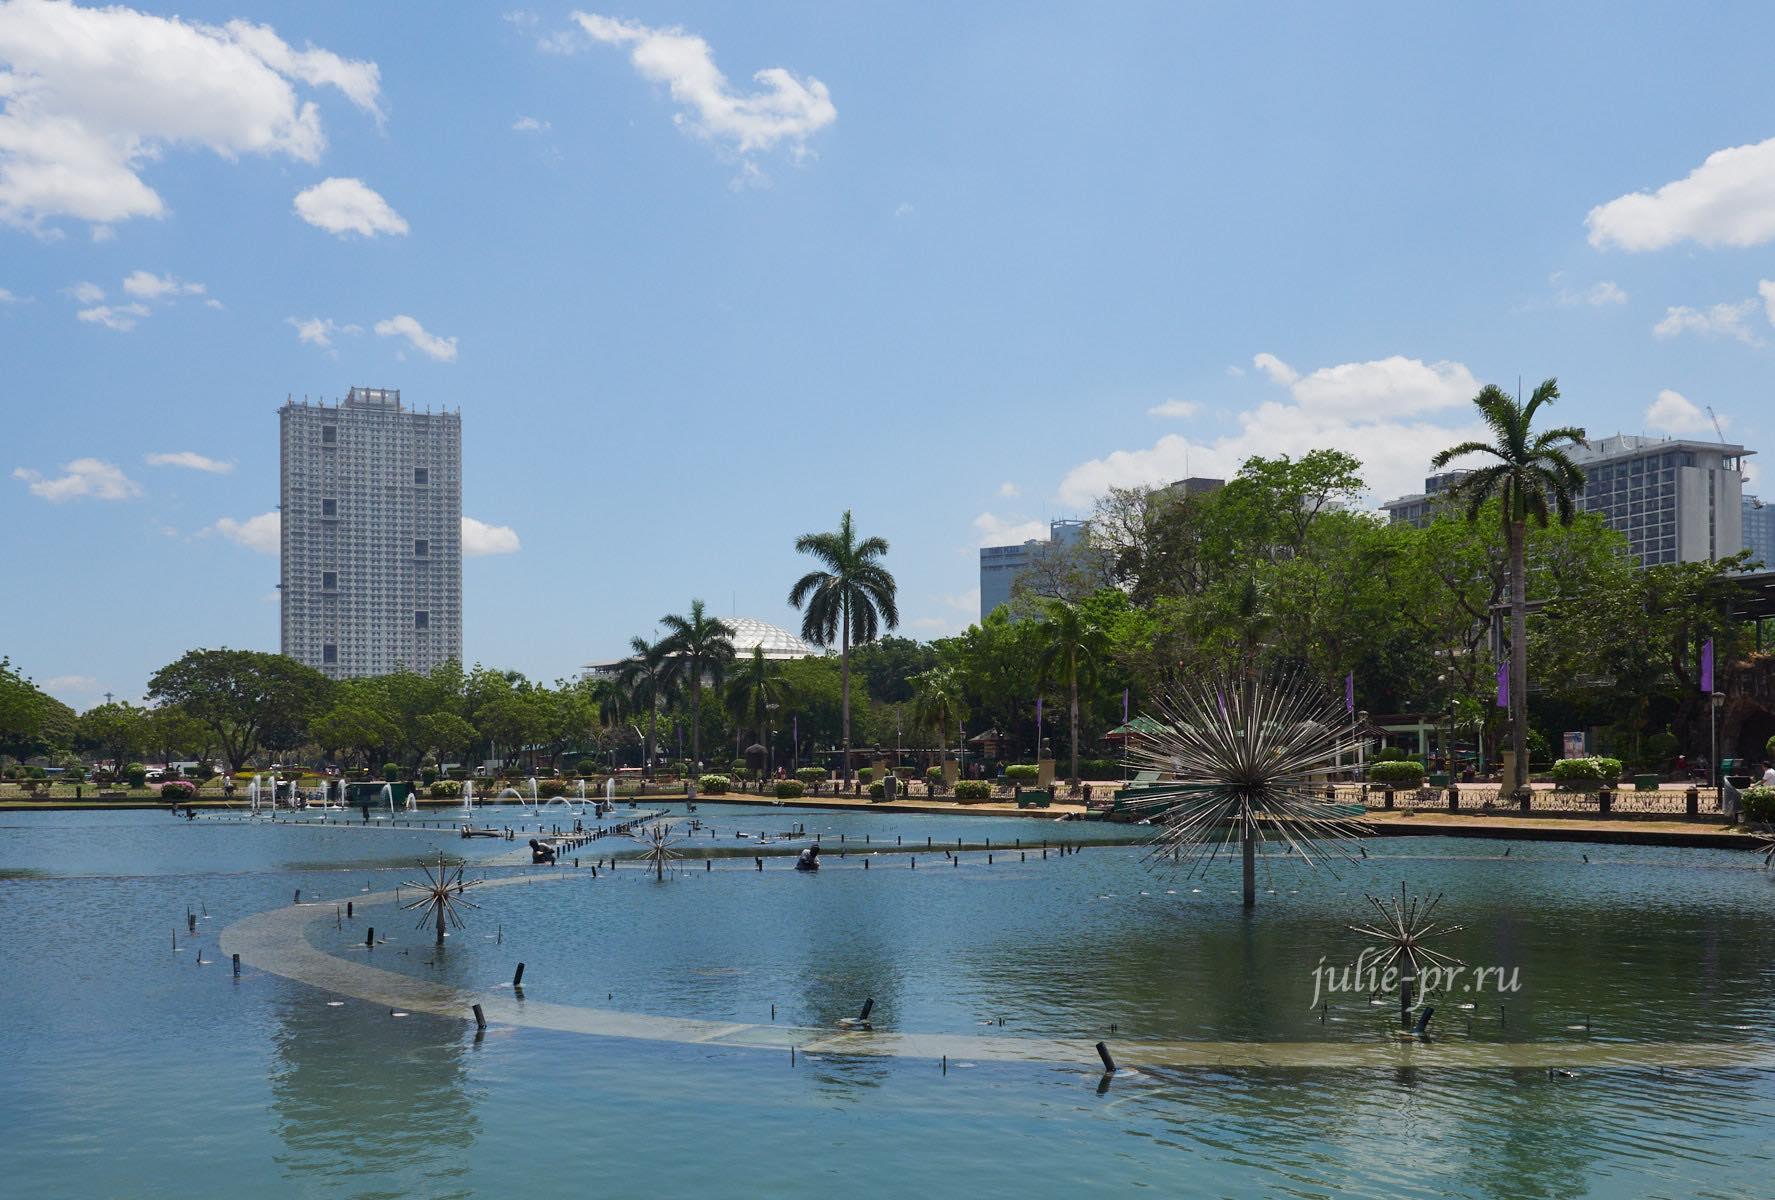 Филиппины, Манила, Rizal Park